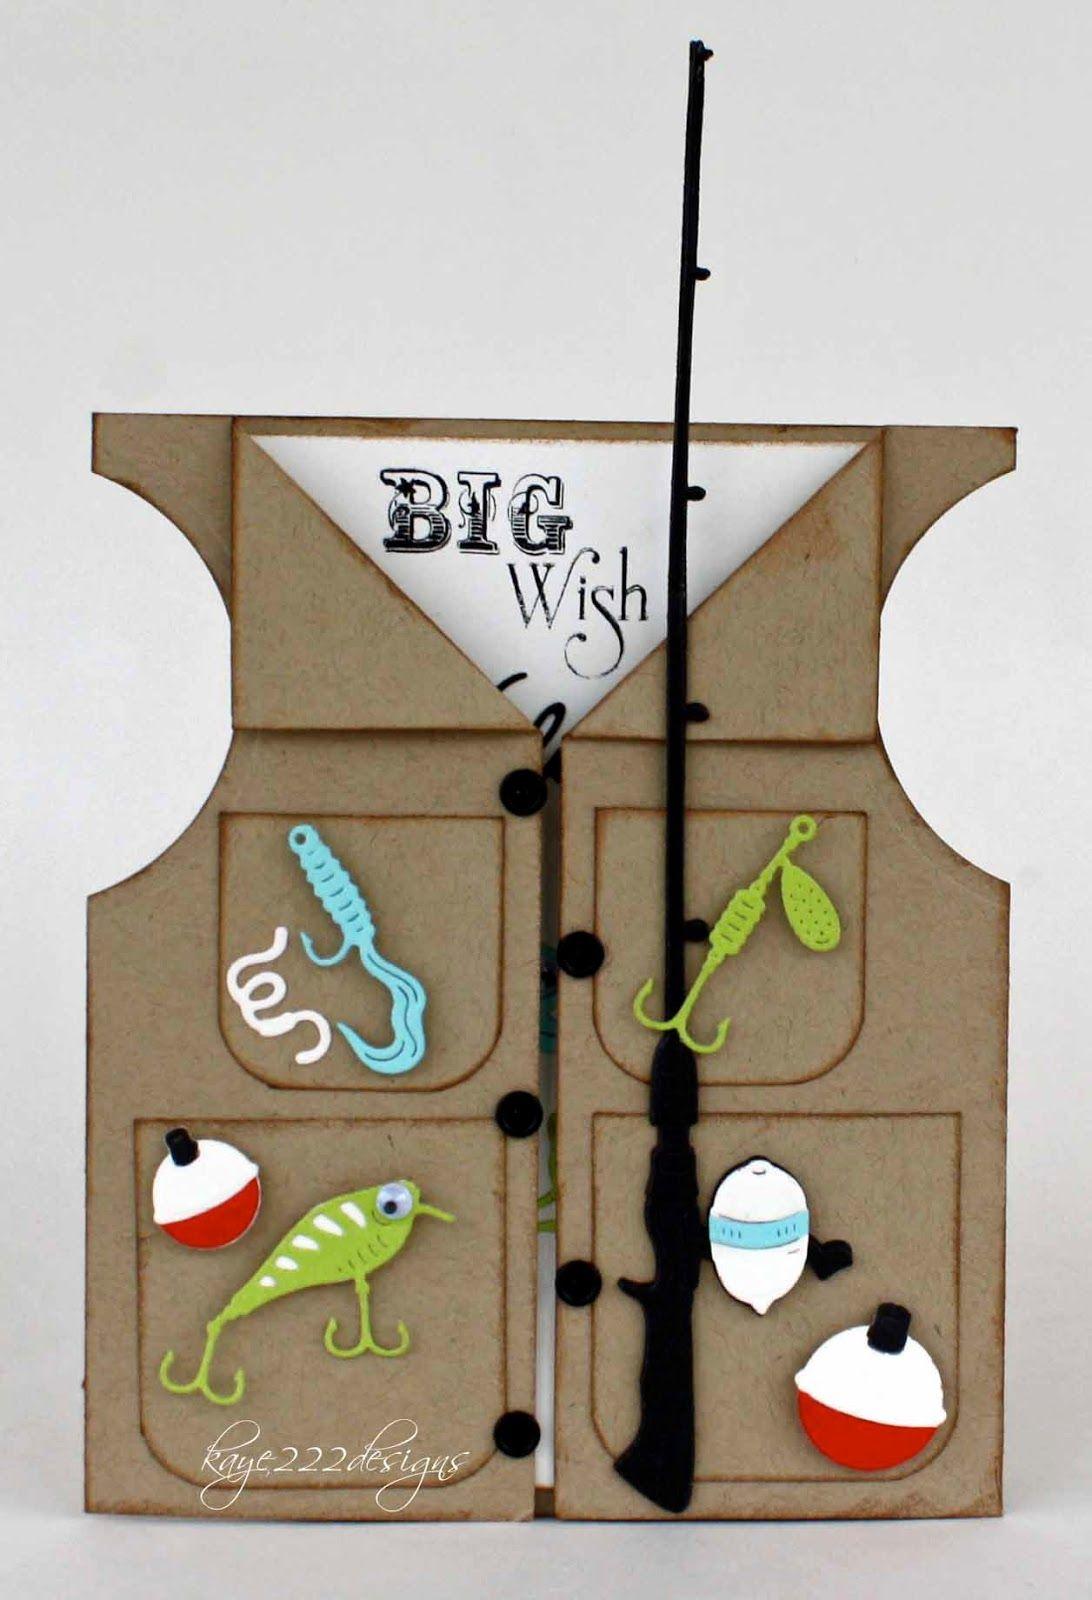 дедушке открытку на день рождения своими руками рыбалка важно сочетание